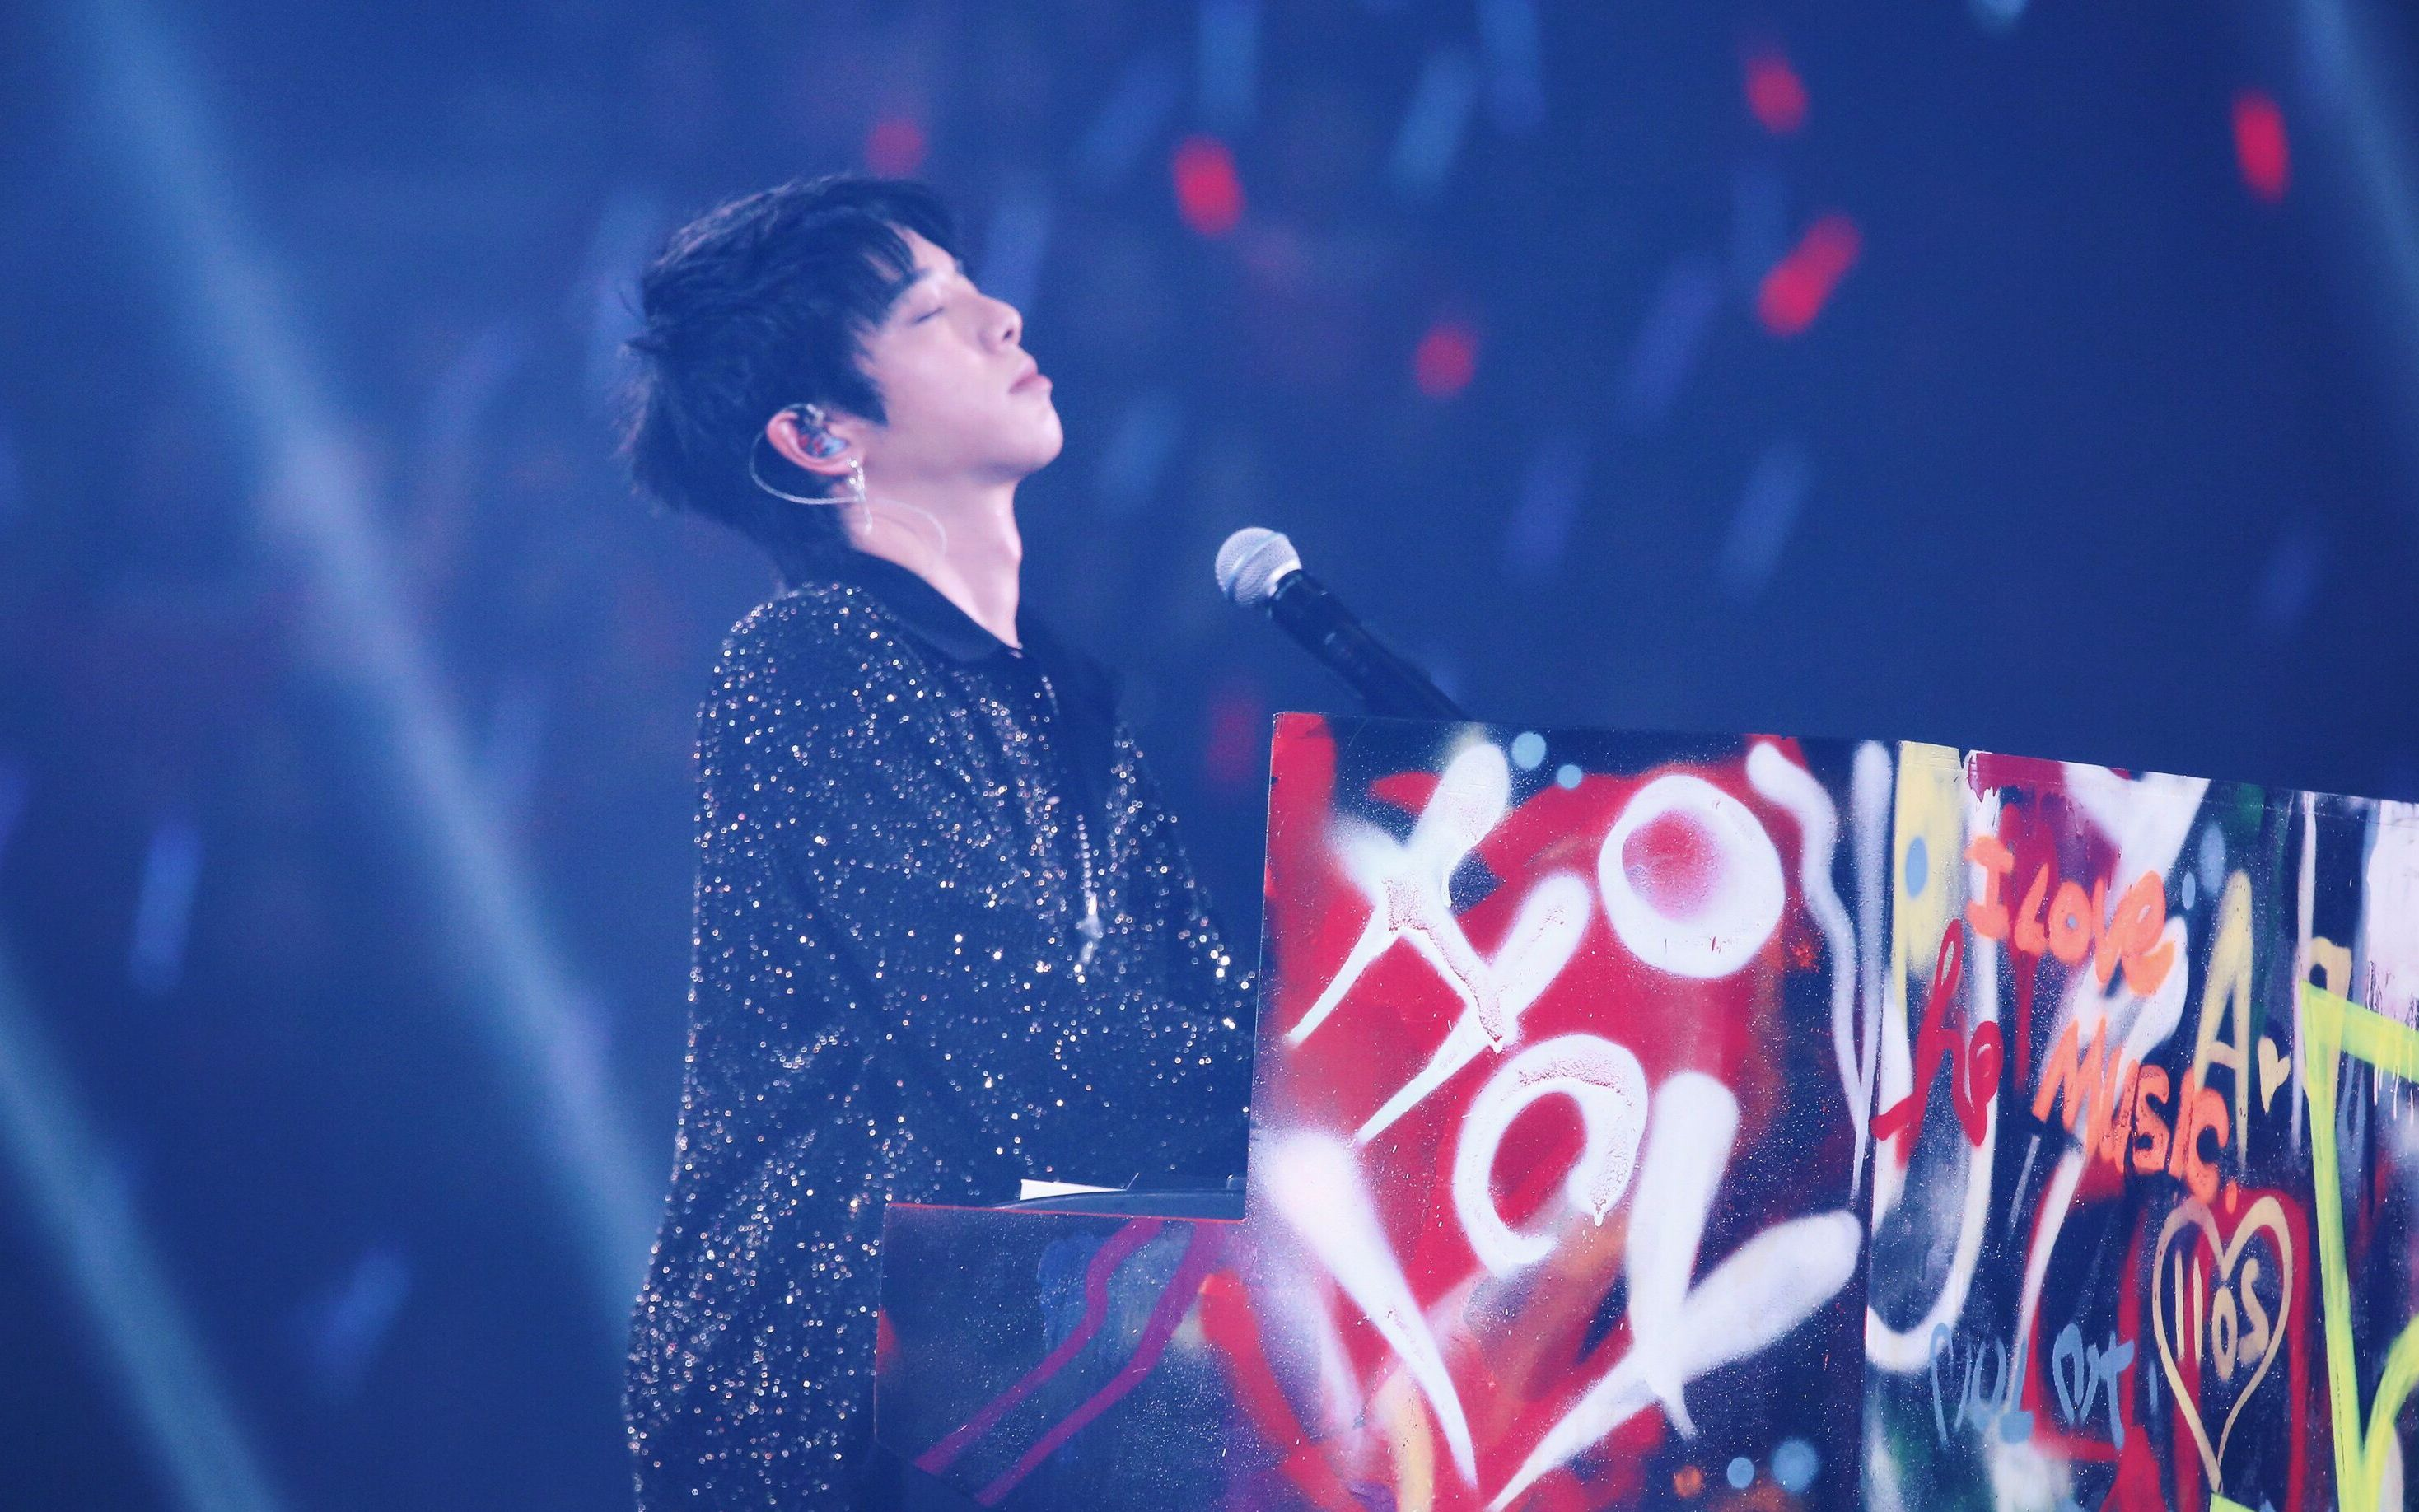 唱一首歌被罚12万!华晨宇为了满足粉丝,啥任性的事儿都会干